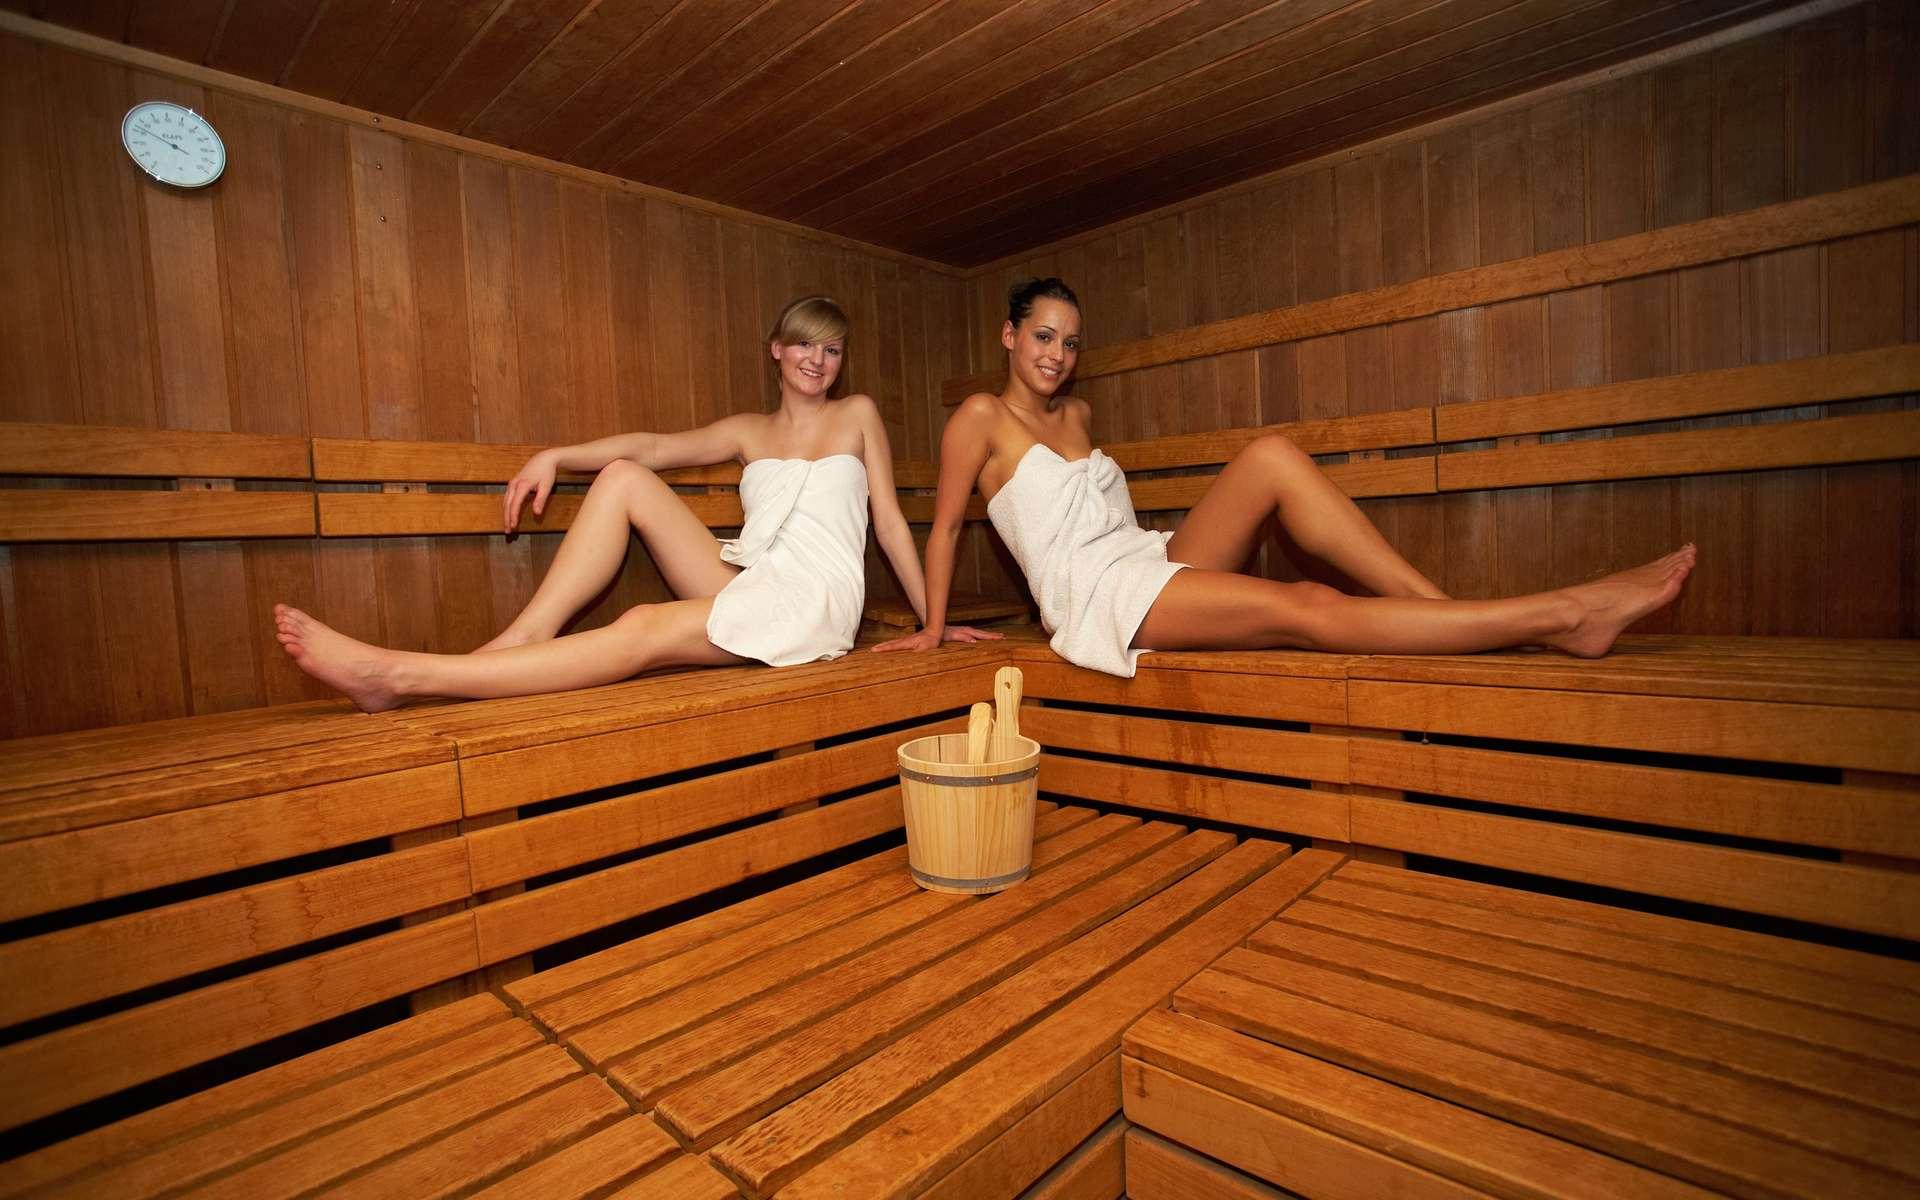 Le sauna doit toujours rester un moment de plaisir. © Christian Schwier - Fotolia